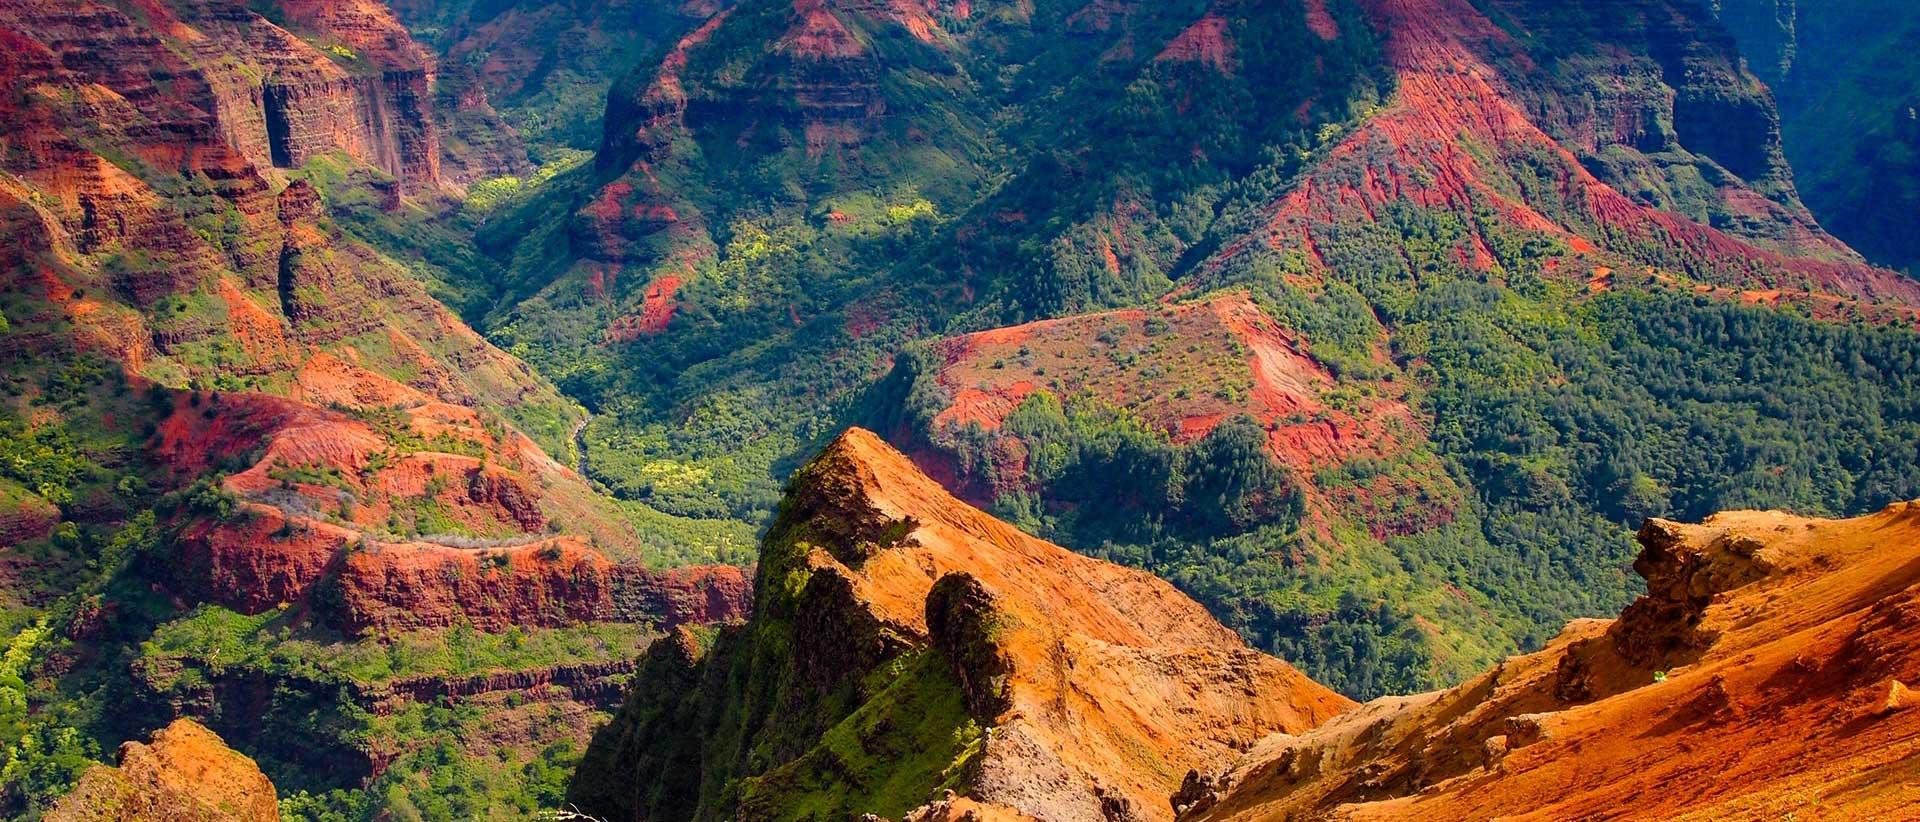 Waimea Canyon by Helicopter